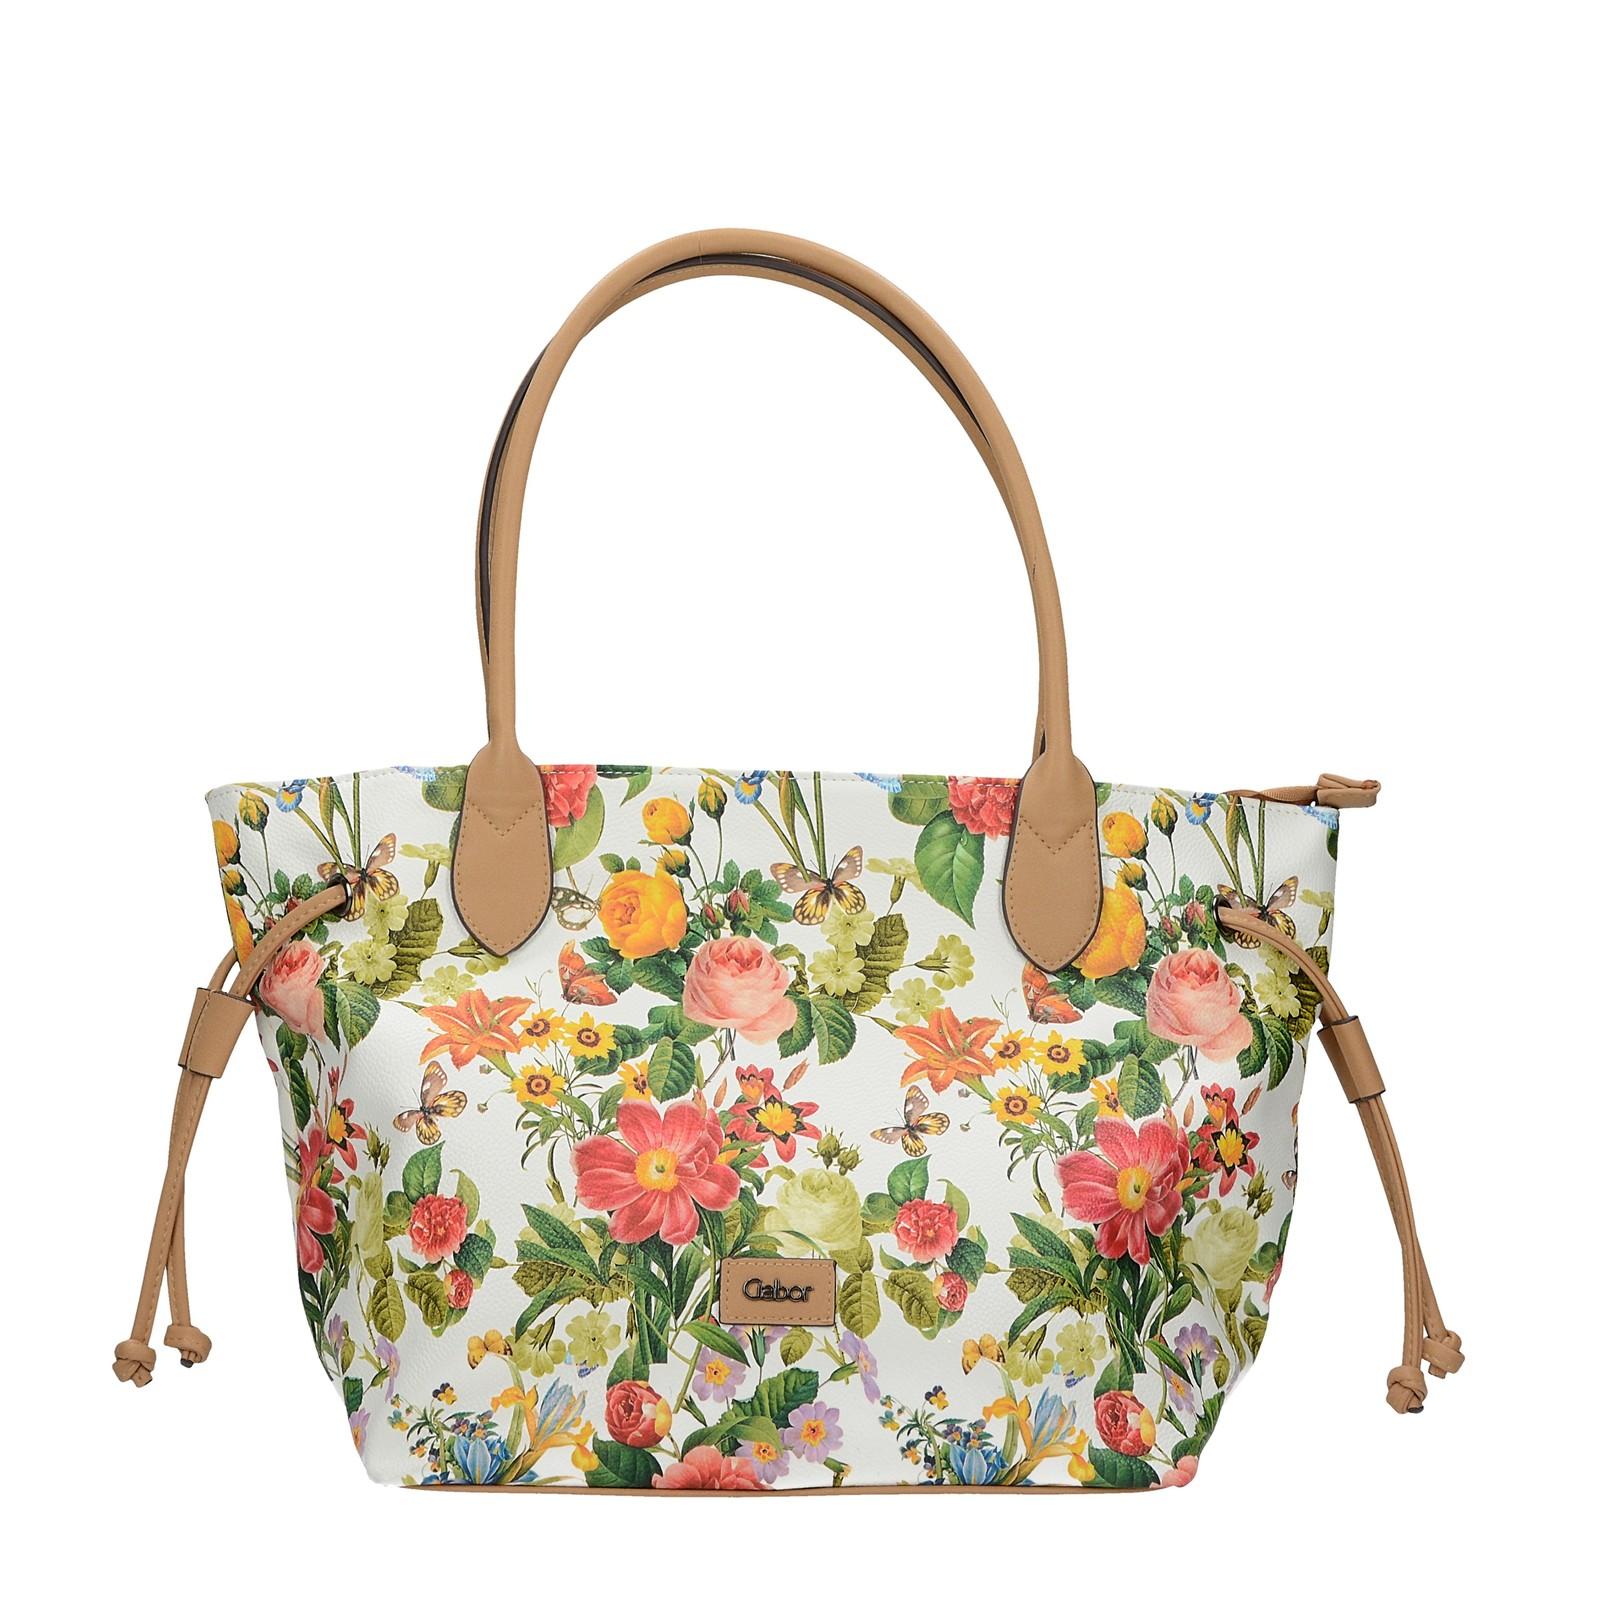 Gabor dámska štýlová kabelka s kvetovým vzorom - biela